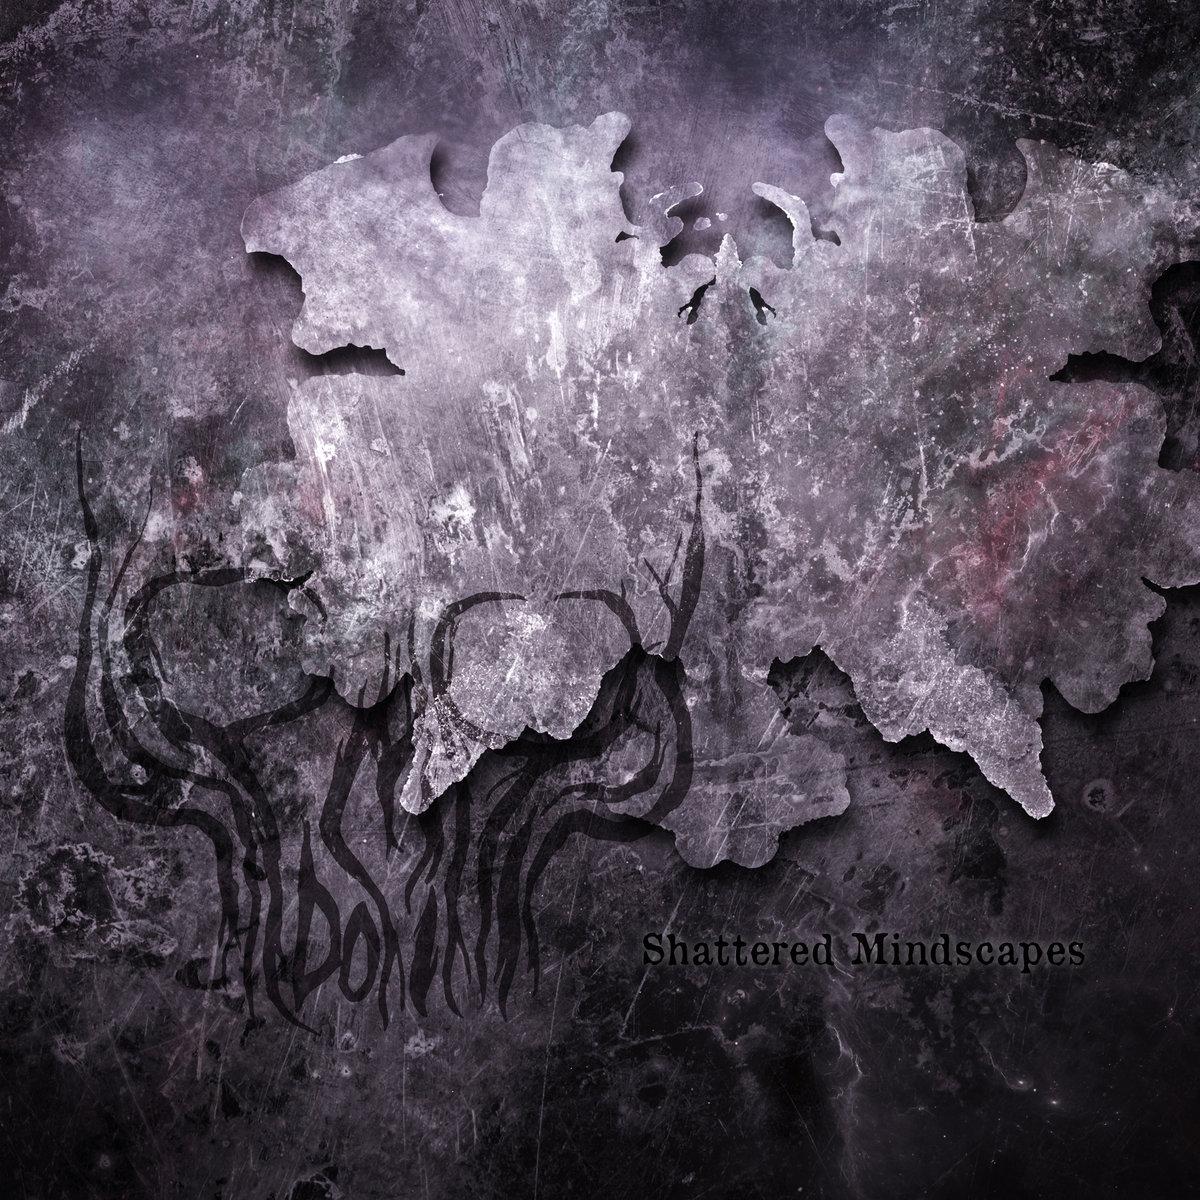 HEDONIHIL dévoile la nouvelle chanson «Shattered Mindscapes»